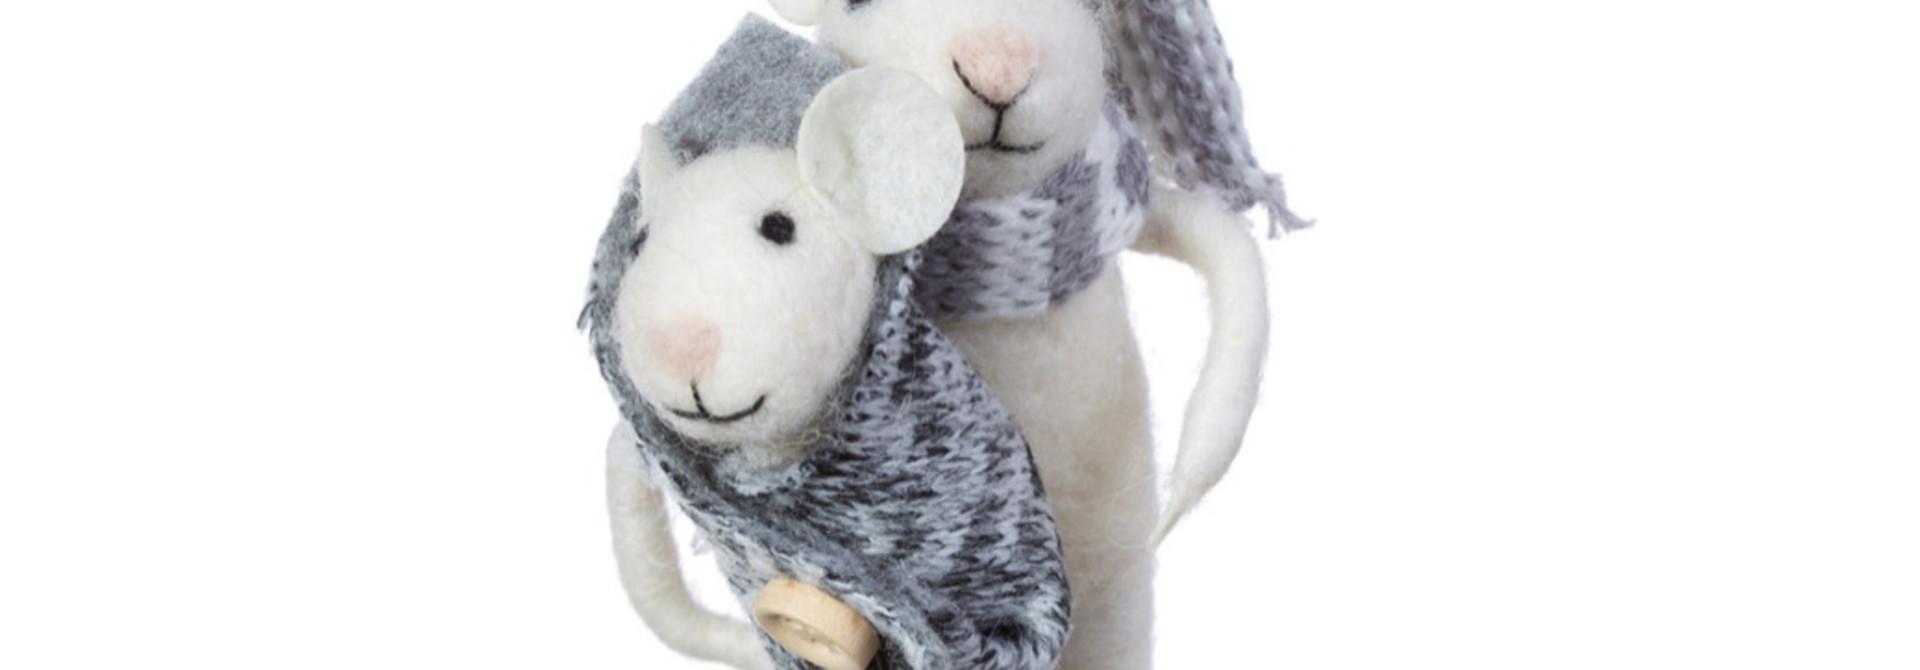 Moeder en baby muis kerstversiering